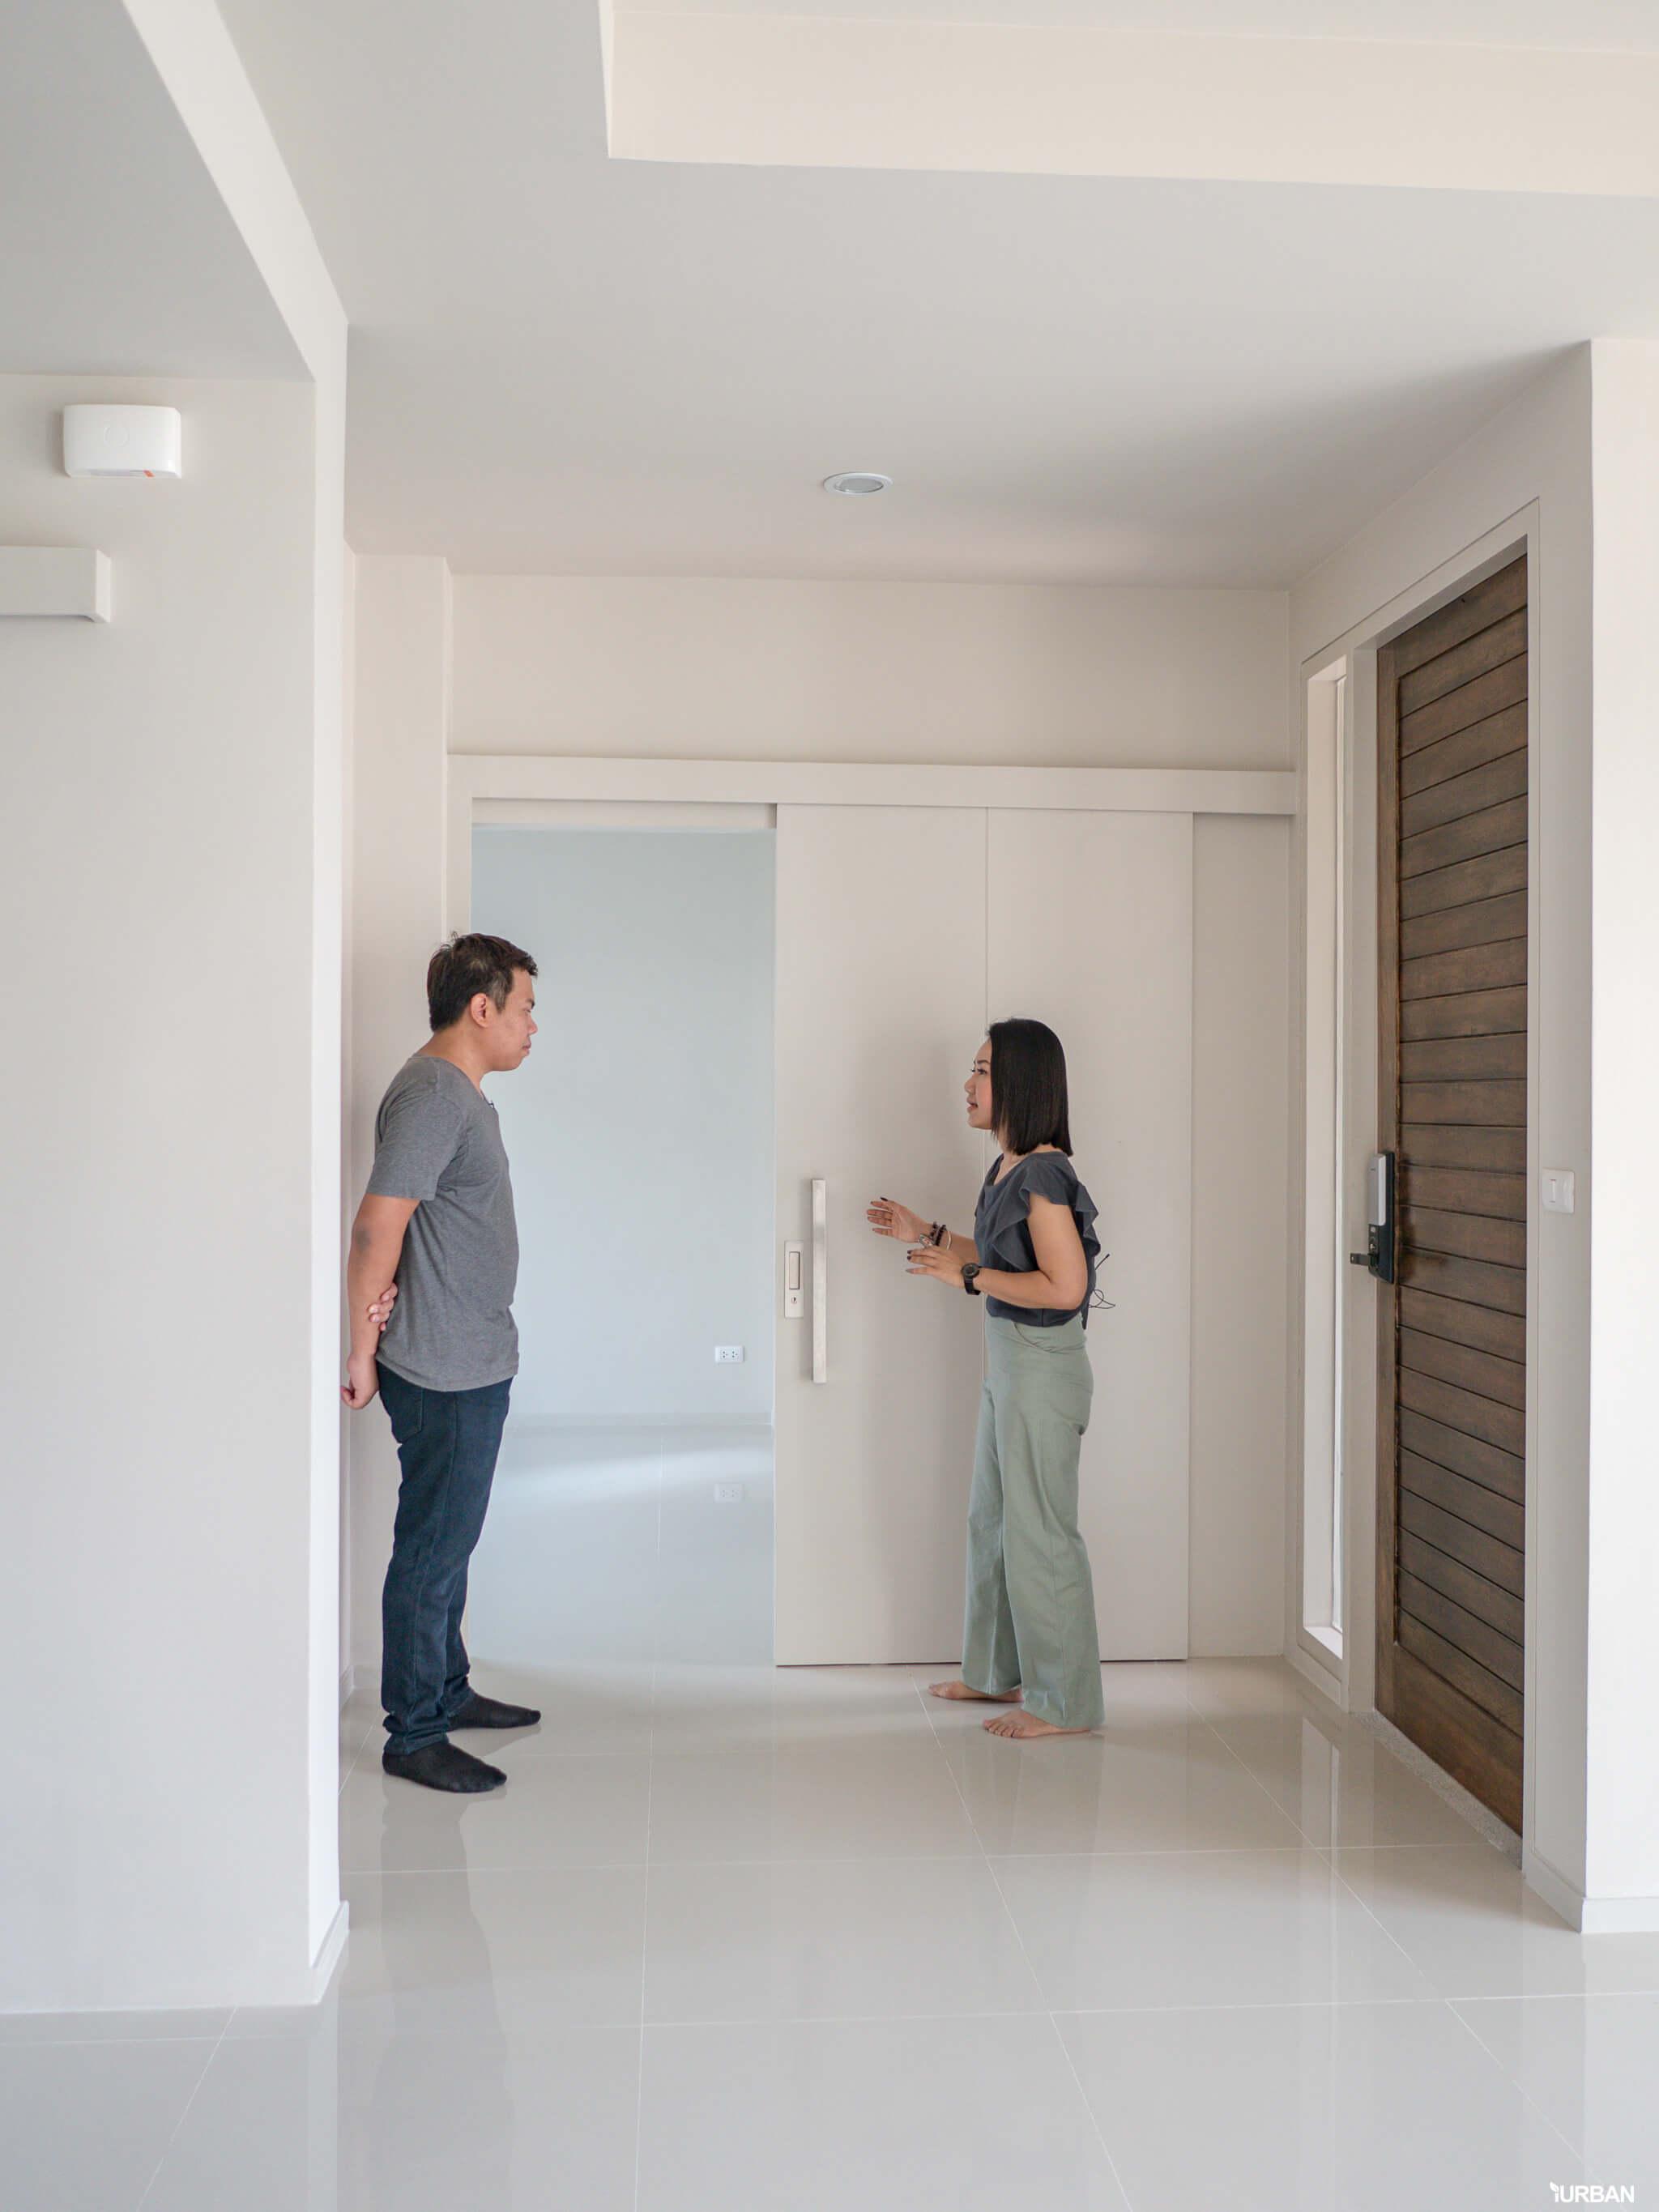 แต่งบ้านยังไงให้ดีกับคนที่คุณรัก? สัมภาษณ์สถาปนิกเรื่อง Universal Design 20 - disable